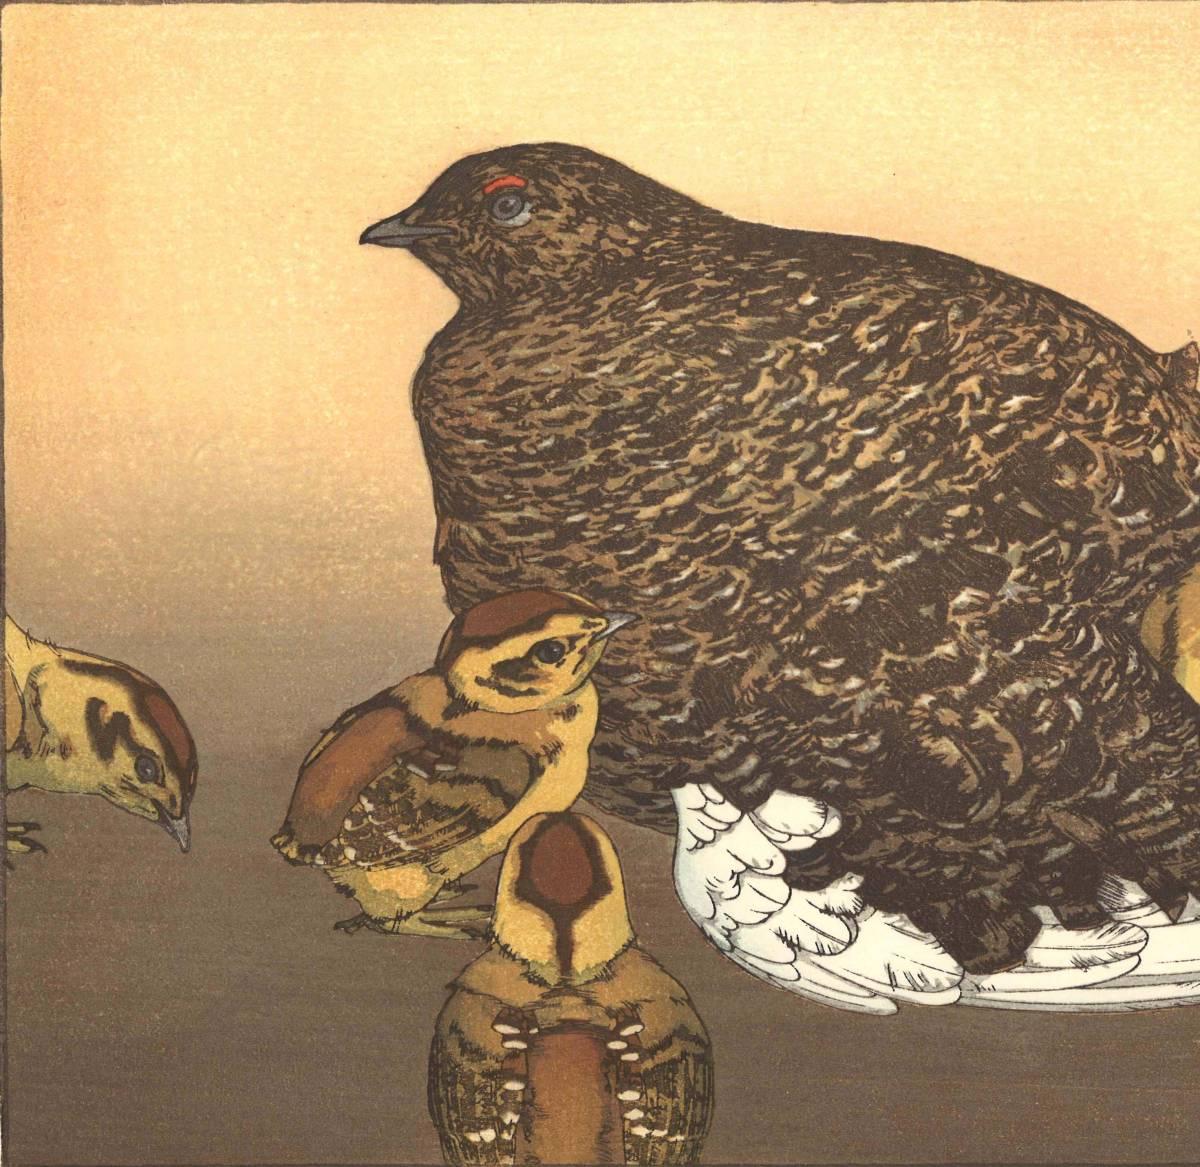 吉田遠志 木版画 013001 雷鳥 (Raicho) 初摺1930年 初期の頃の作品!!  最高峰の摺師の技をご堪能下さい!!_画像5